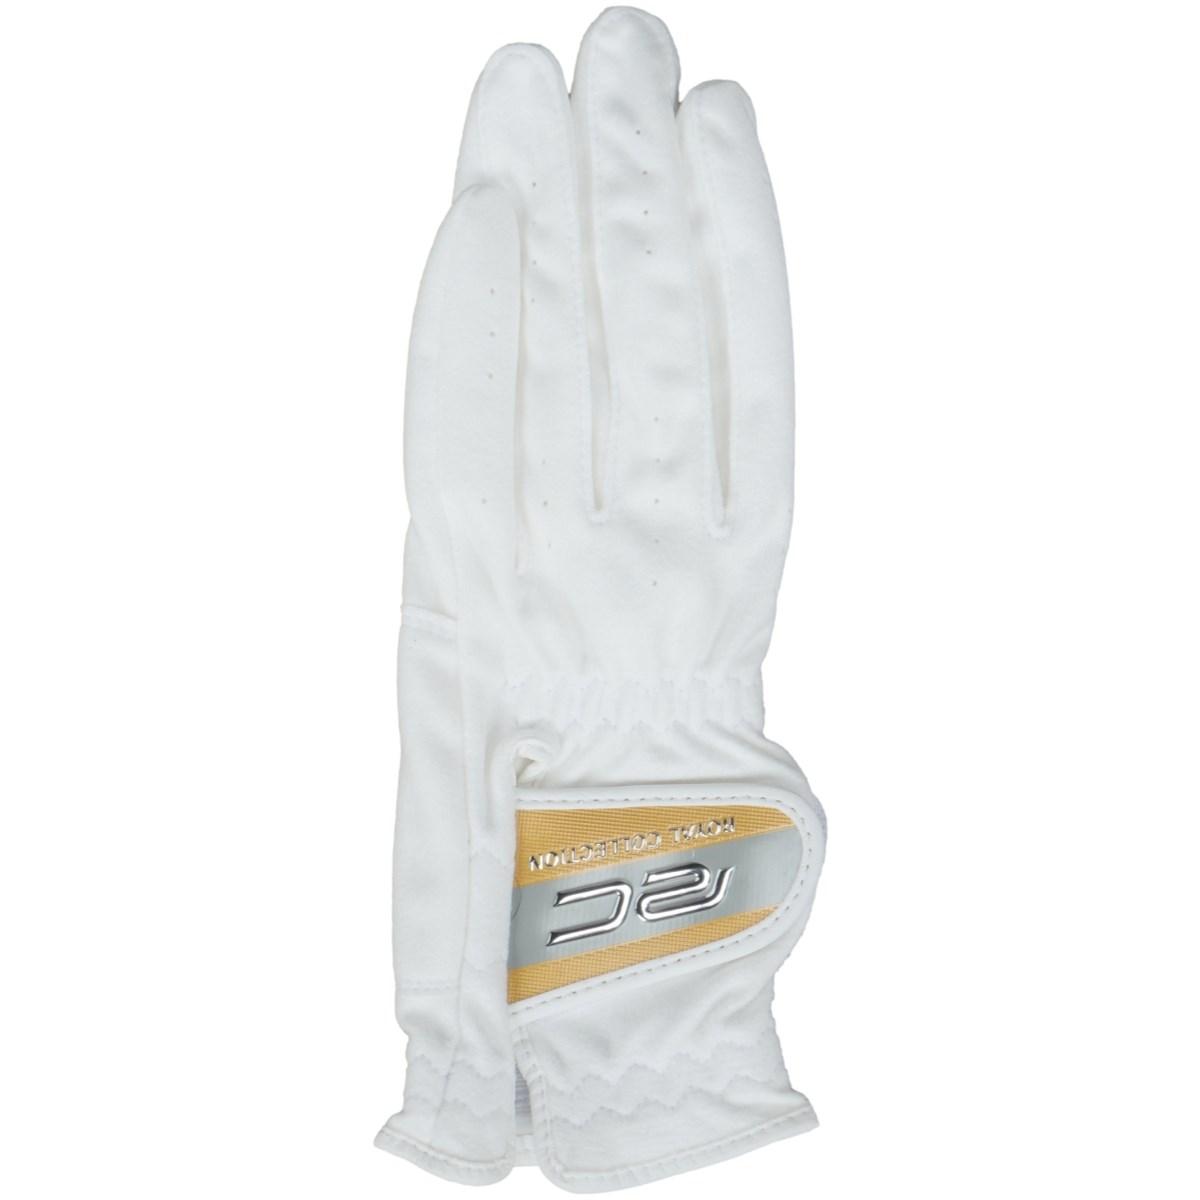 ロイヤルコレクション ROYAL COLLECTION 合皮グローブ 5枚セット 24cm 左手着用(右利き用) ホワイト/ゴールド